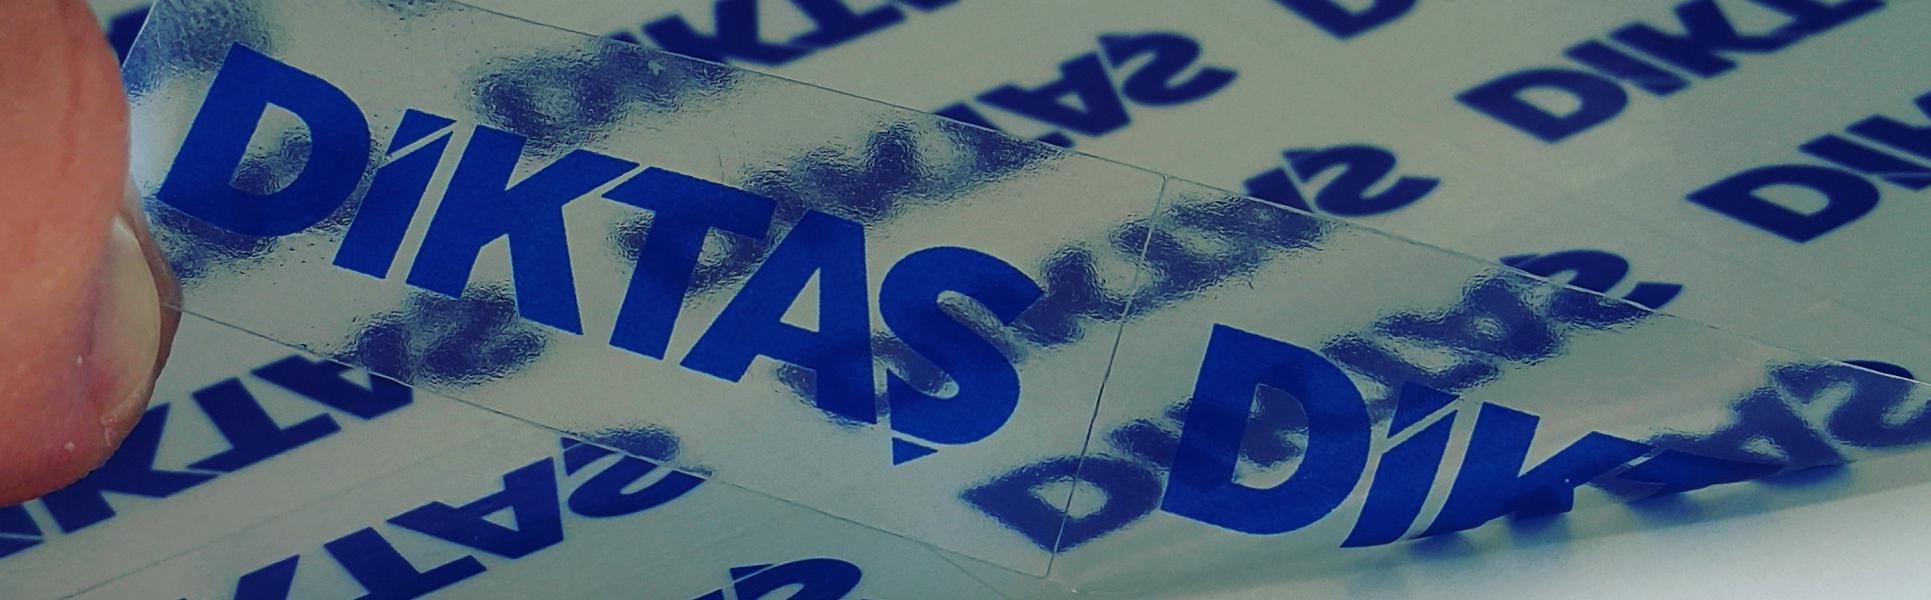 <p>Şeffaf ters baskı cam etiketleri</p>